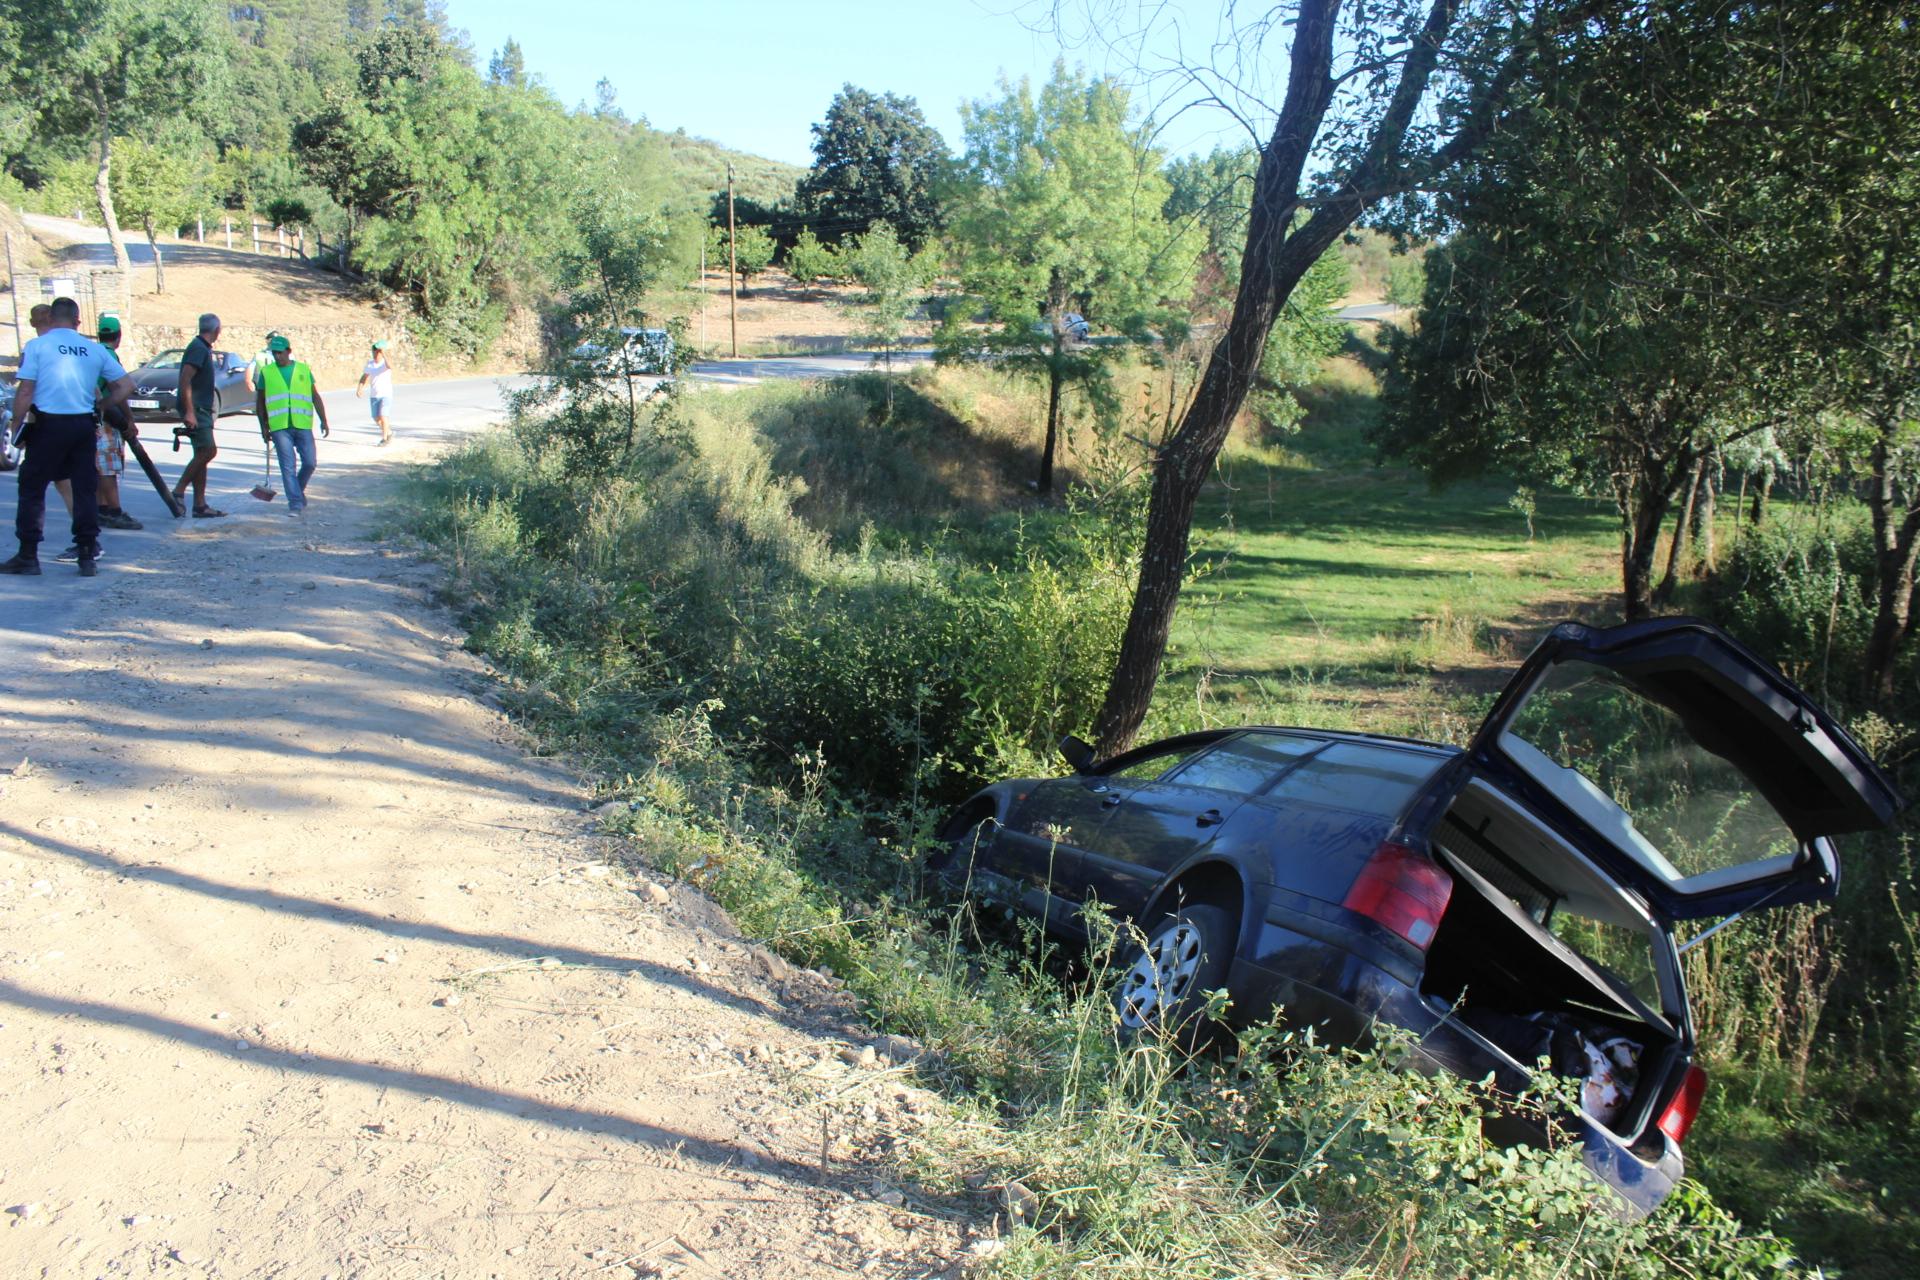 Despiste faz dois feridos esta tarde junto ao Azibo, Macedo de Cavaleiros